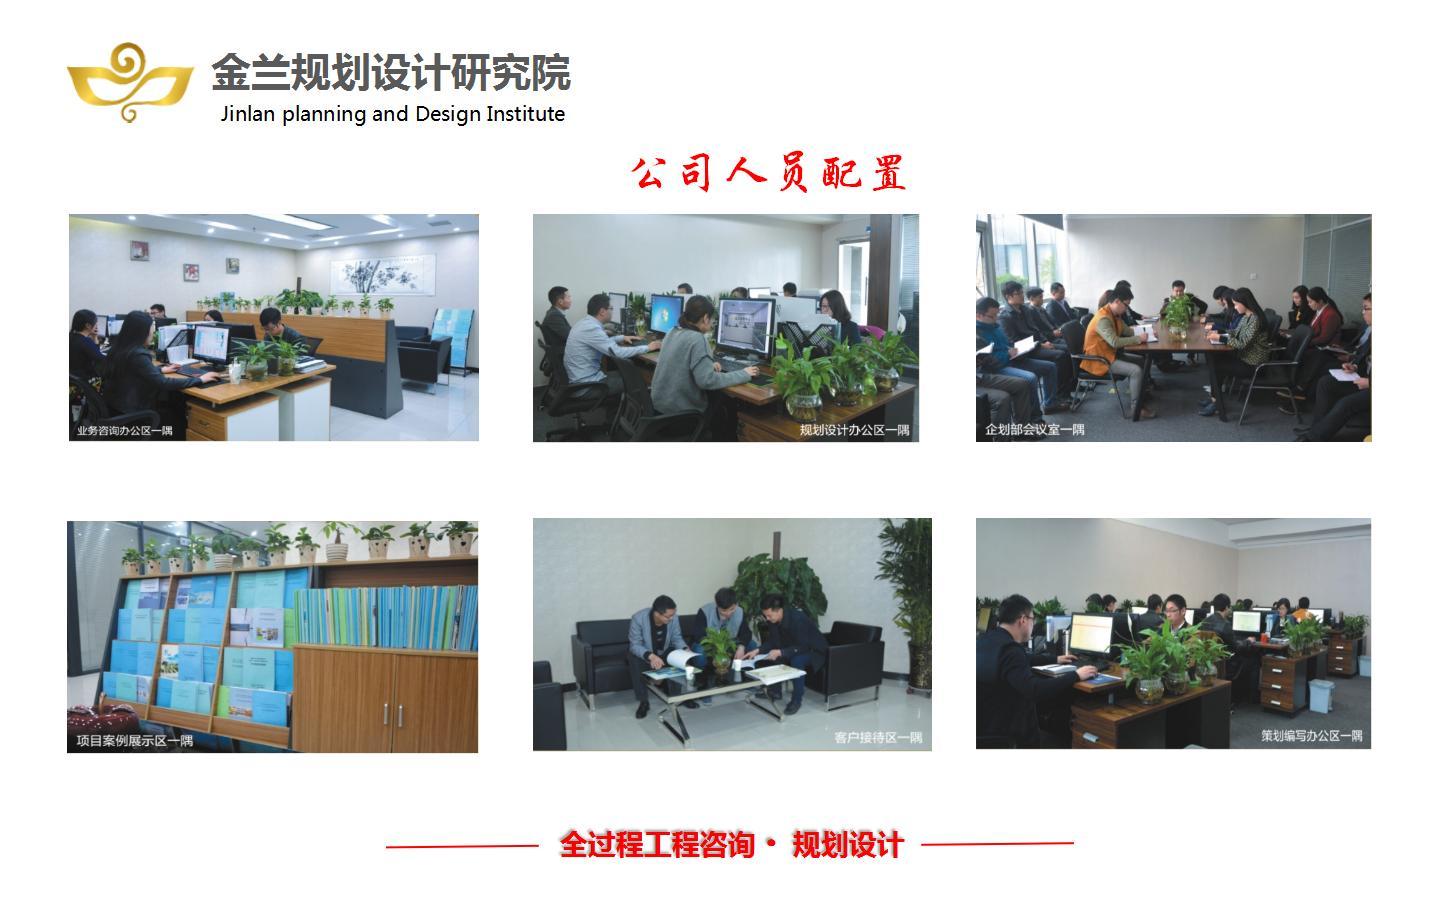 #南宫观光农业规划设计公司#团队制作@生态农业小镇